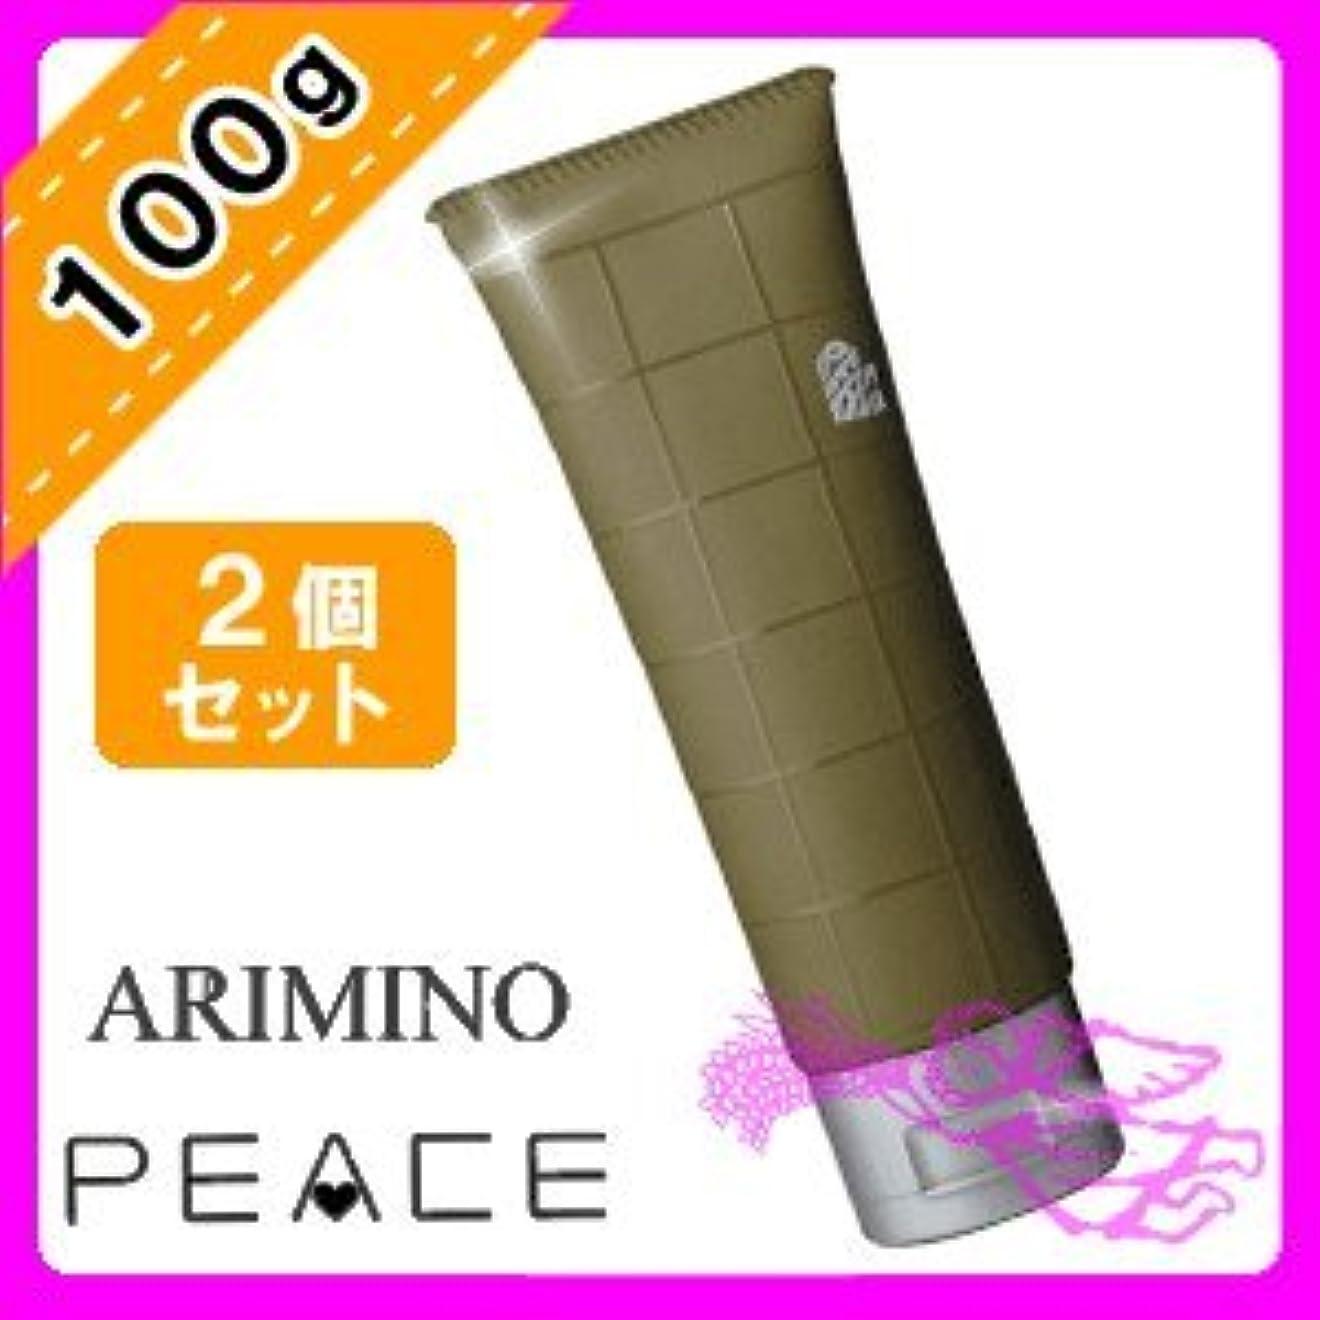 鉄十代の若者たちタンザニアアリミノ ピース ウェットオイル ワックス 100g ×2個セット arimino PEACE